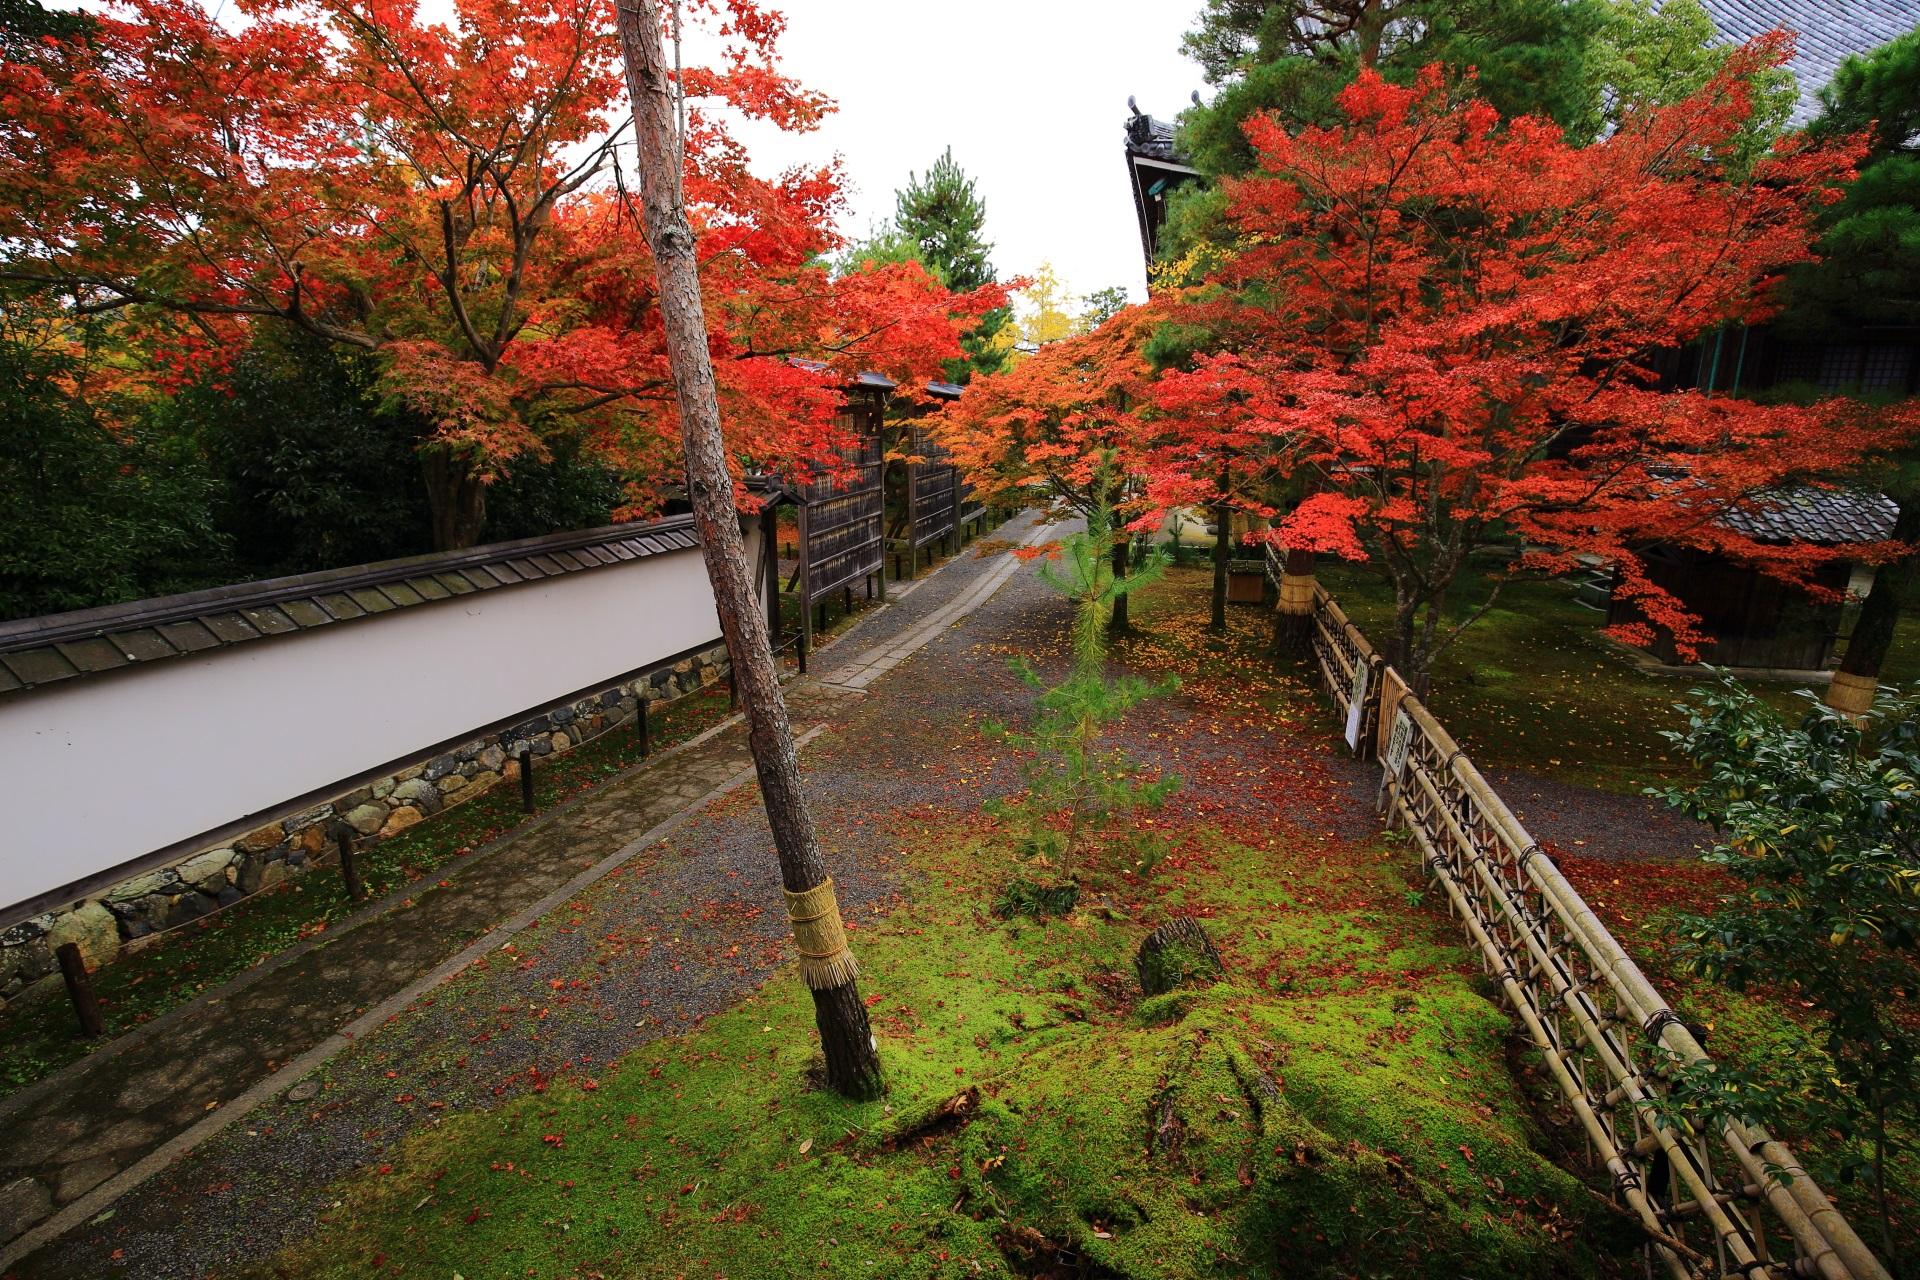 回廊から眺めた本堂裏(本堂東側)の参道と紅葉